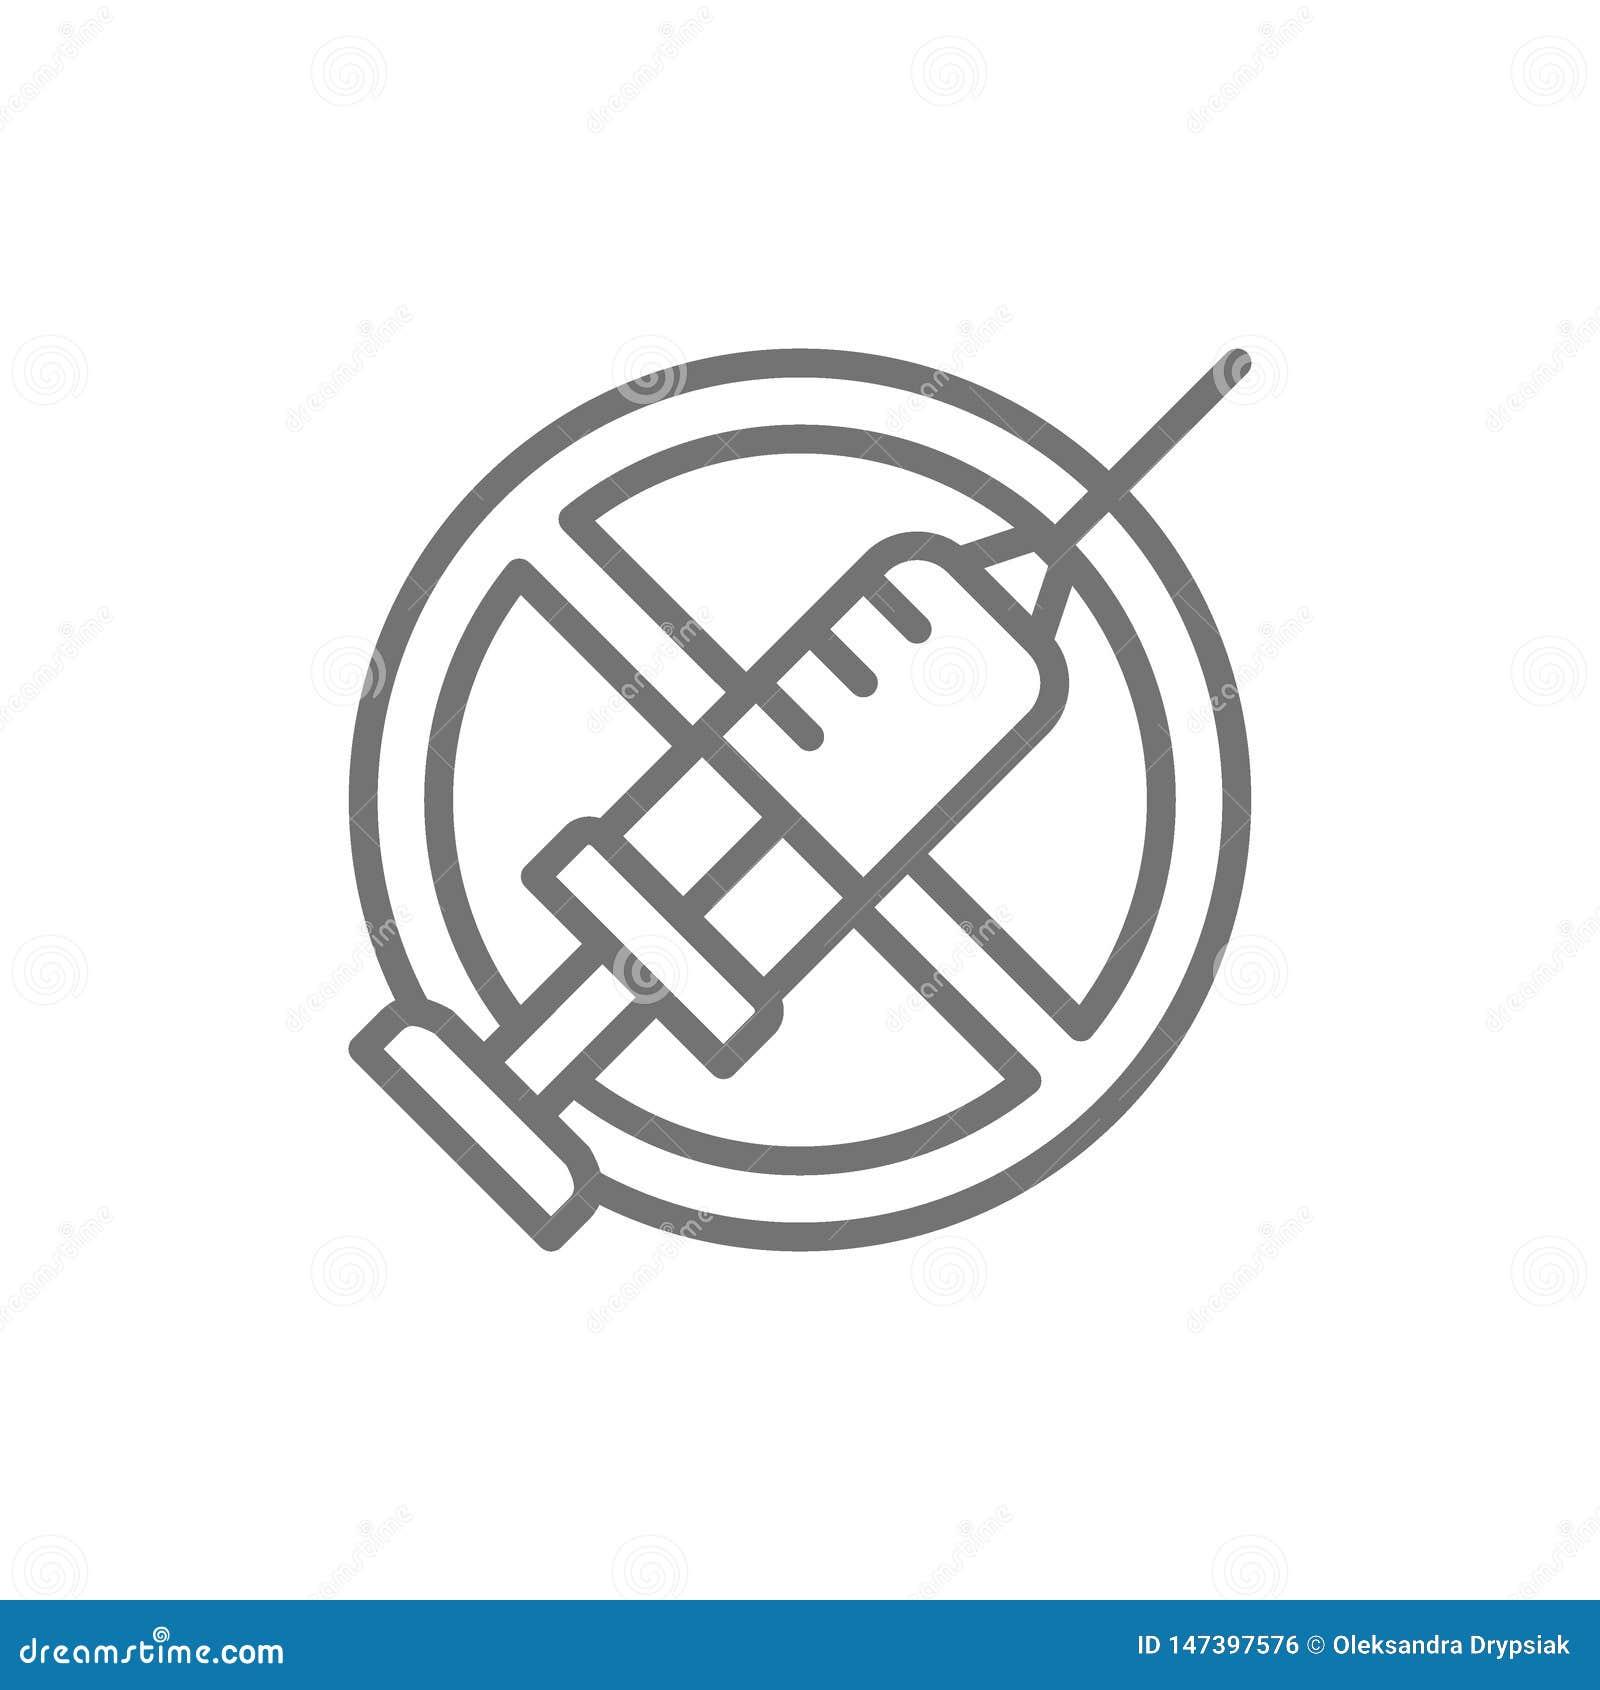 Запрещенный знак со шприцем, отсутствие вакцинирования, отсутствие линии значка впрыски